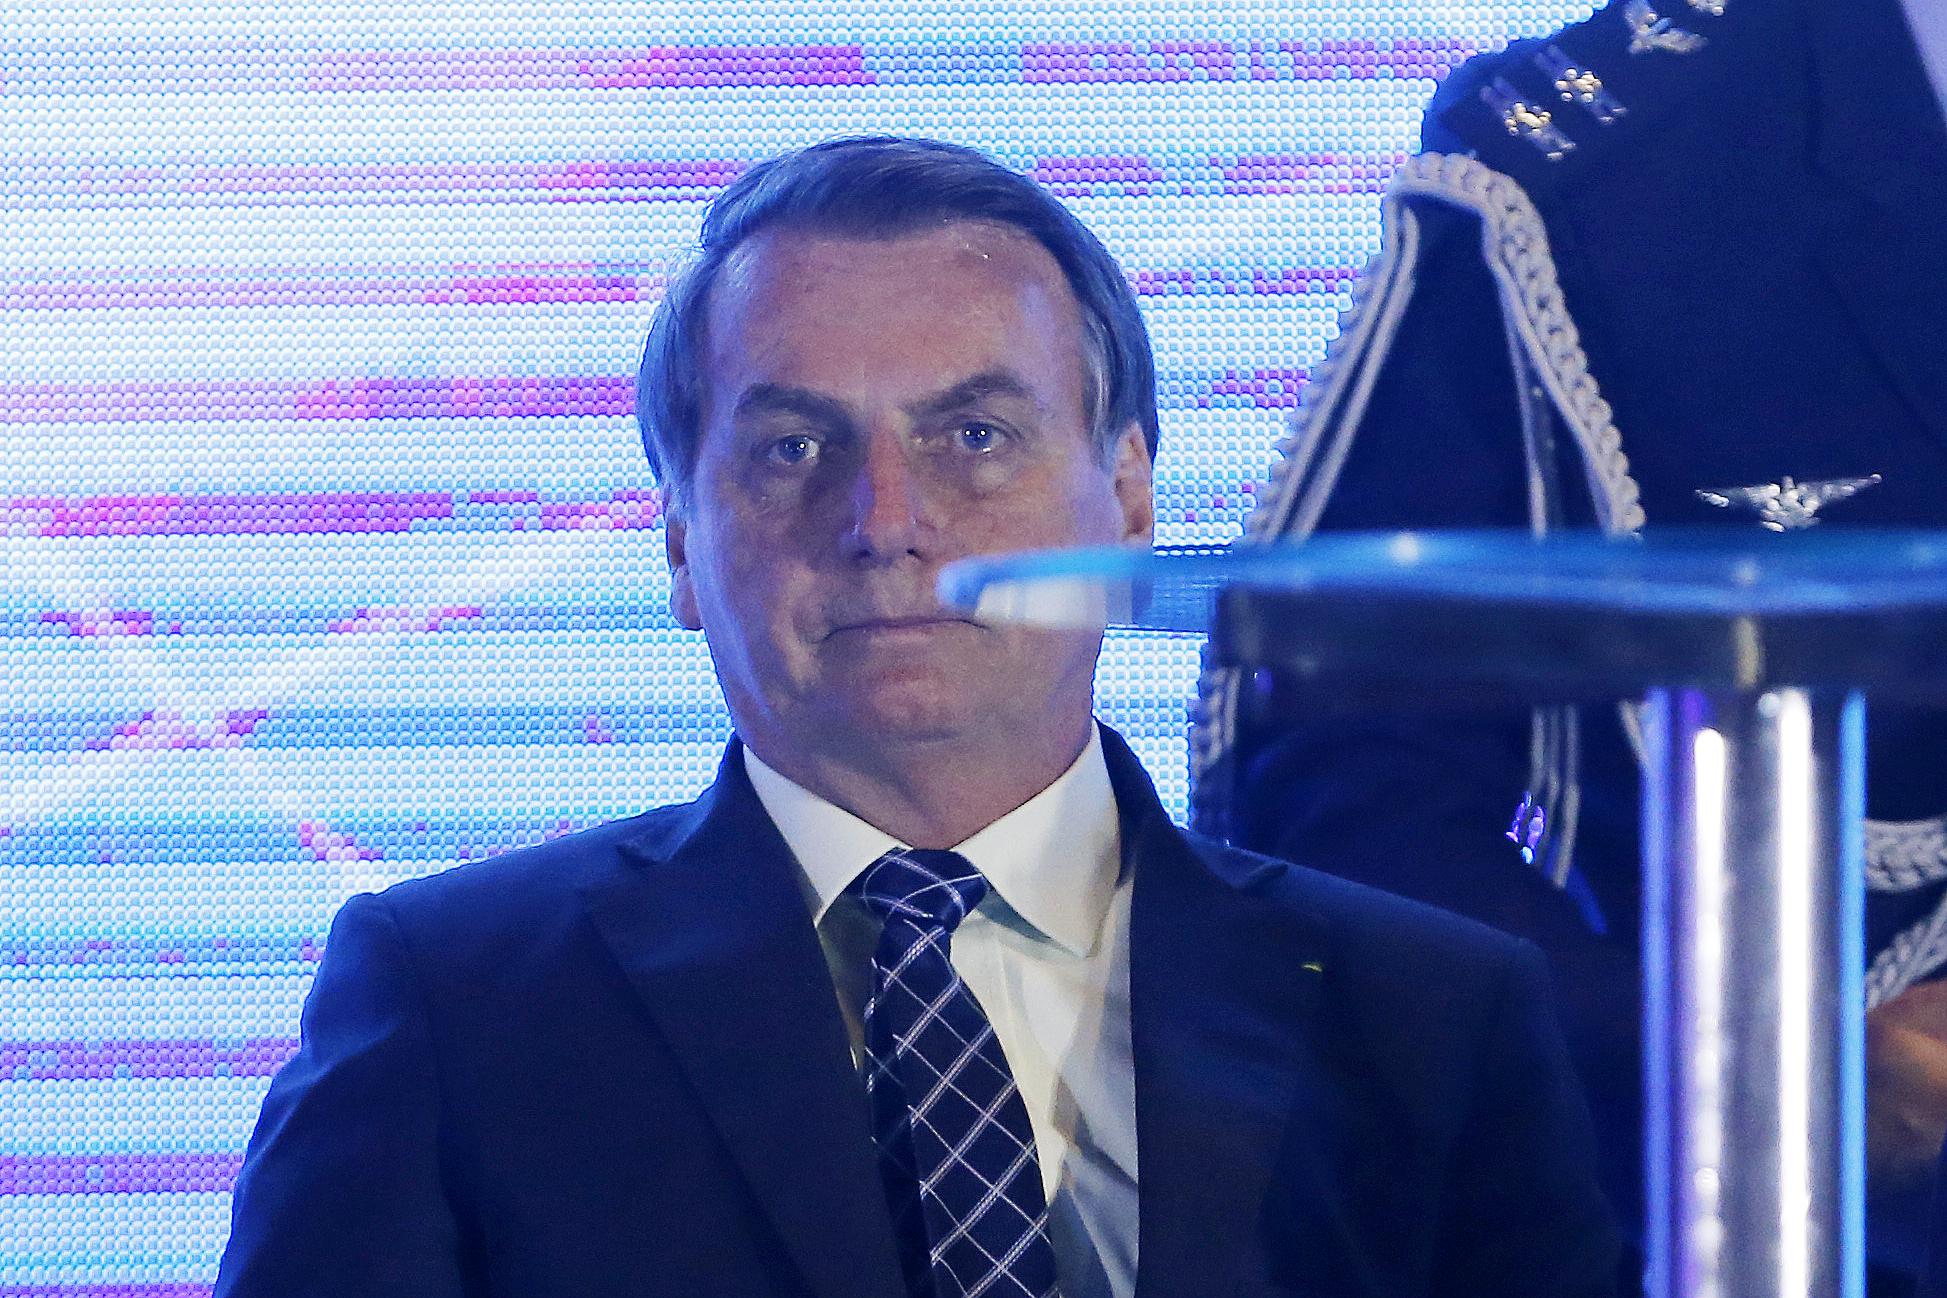 IMAGEM: O efeito do indulto de Bolsonaro a policiais